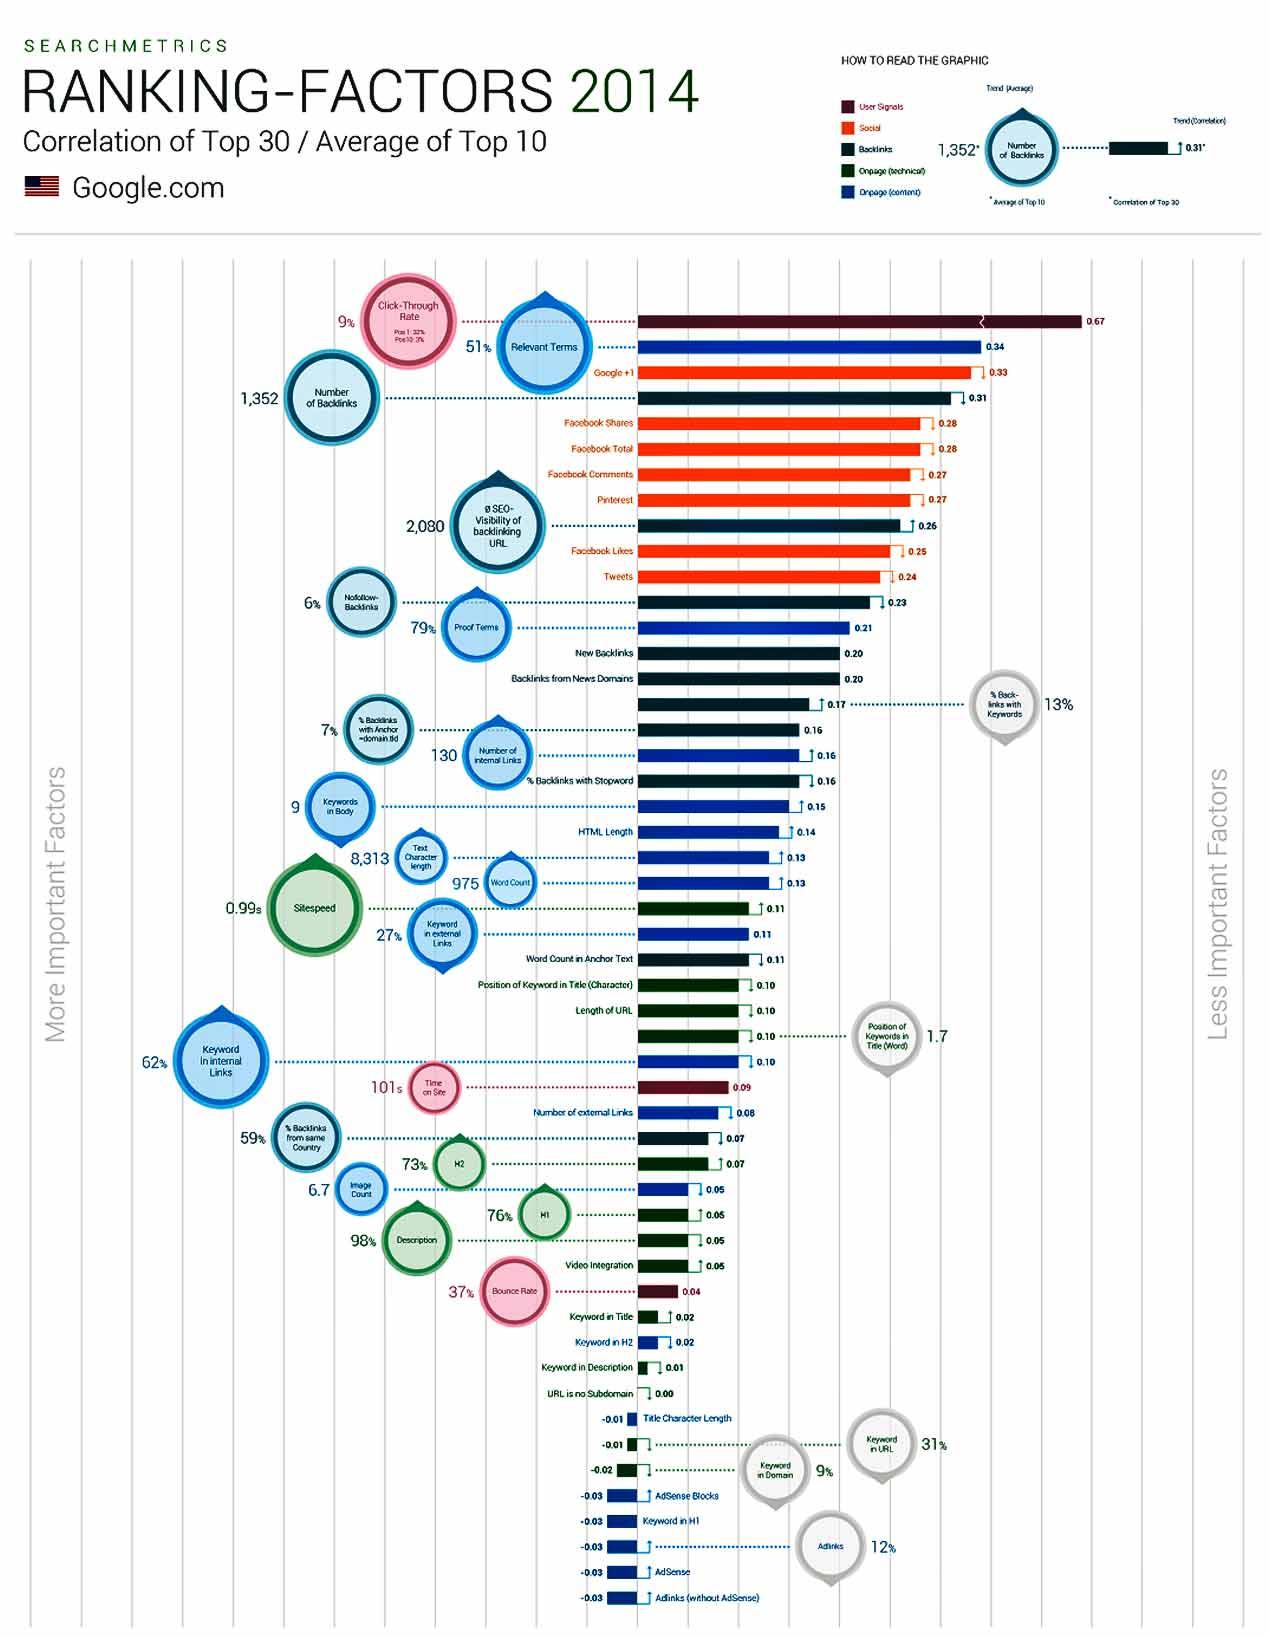 Факторы ранжирвоания Гугл в 2014 году